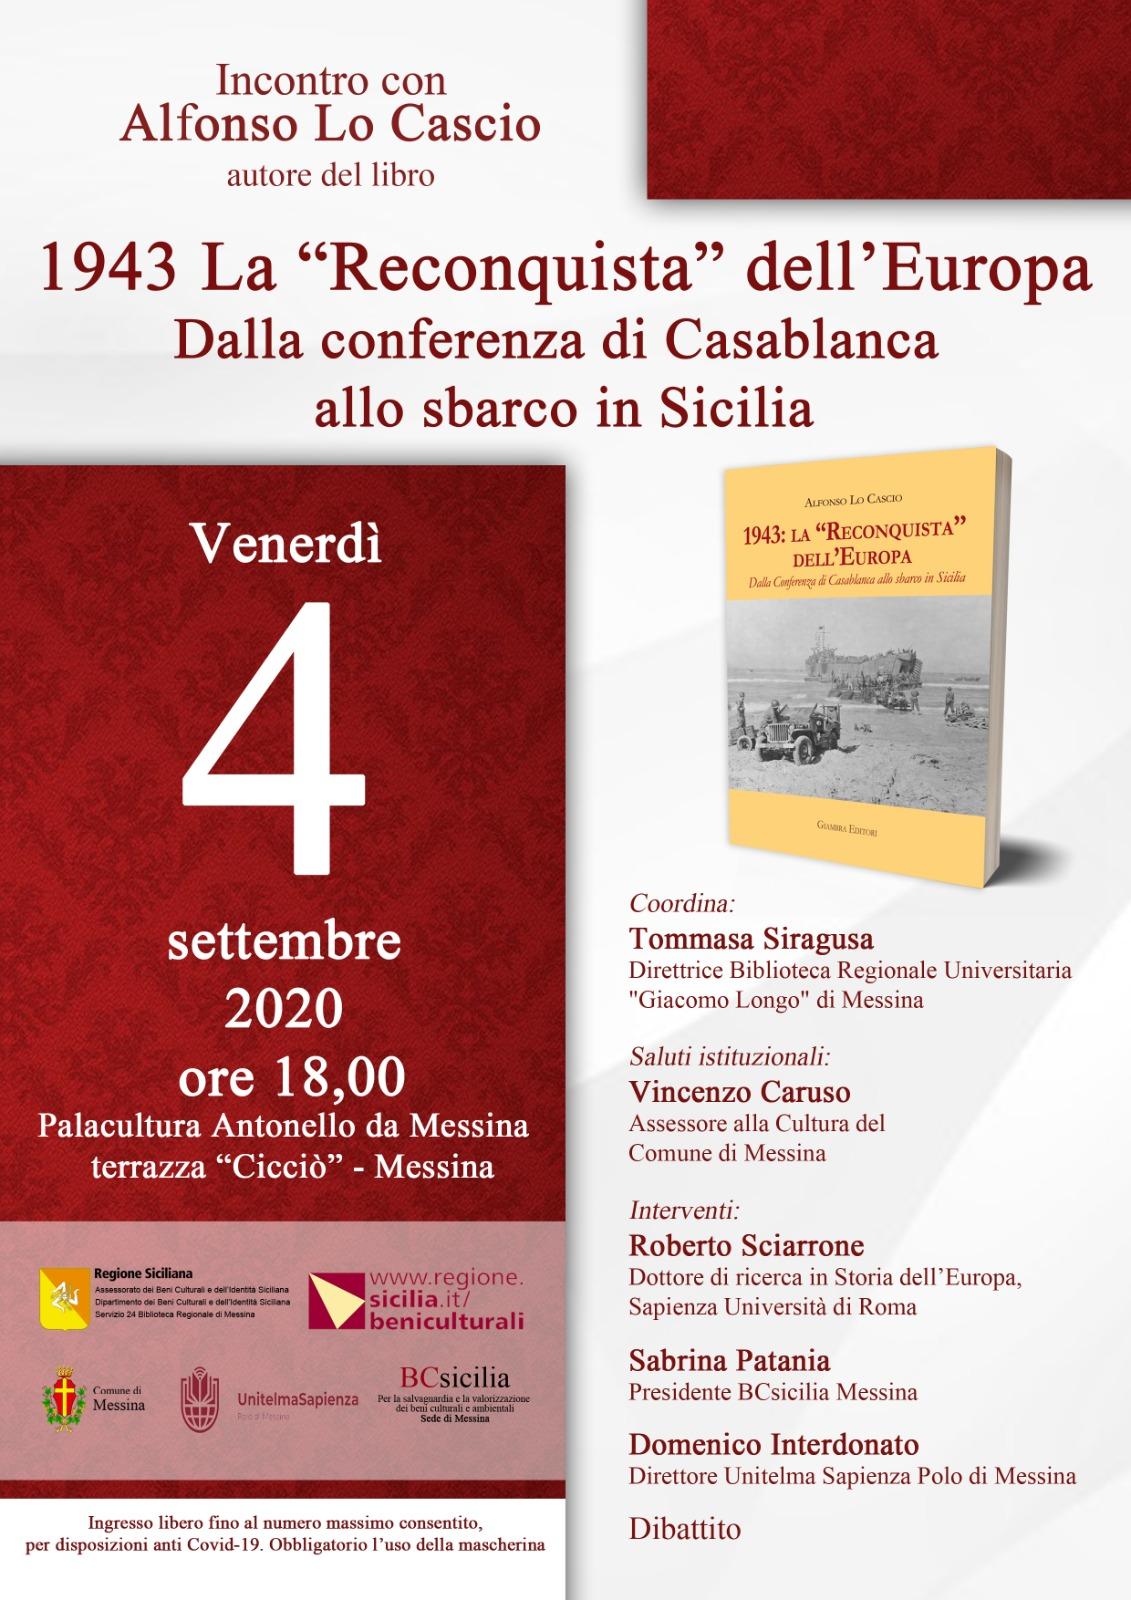 """Messina, al Palacultura, incontro con Alfonso Lo Cascio autore del libro 1943: La """"Reconquista"""" dell'Europa. Dalla conferenza di Casablanca allo sbarco in Sicilia."""